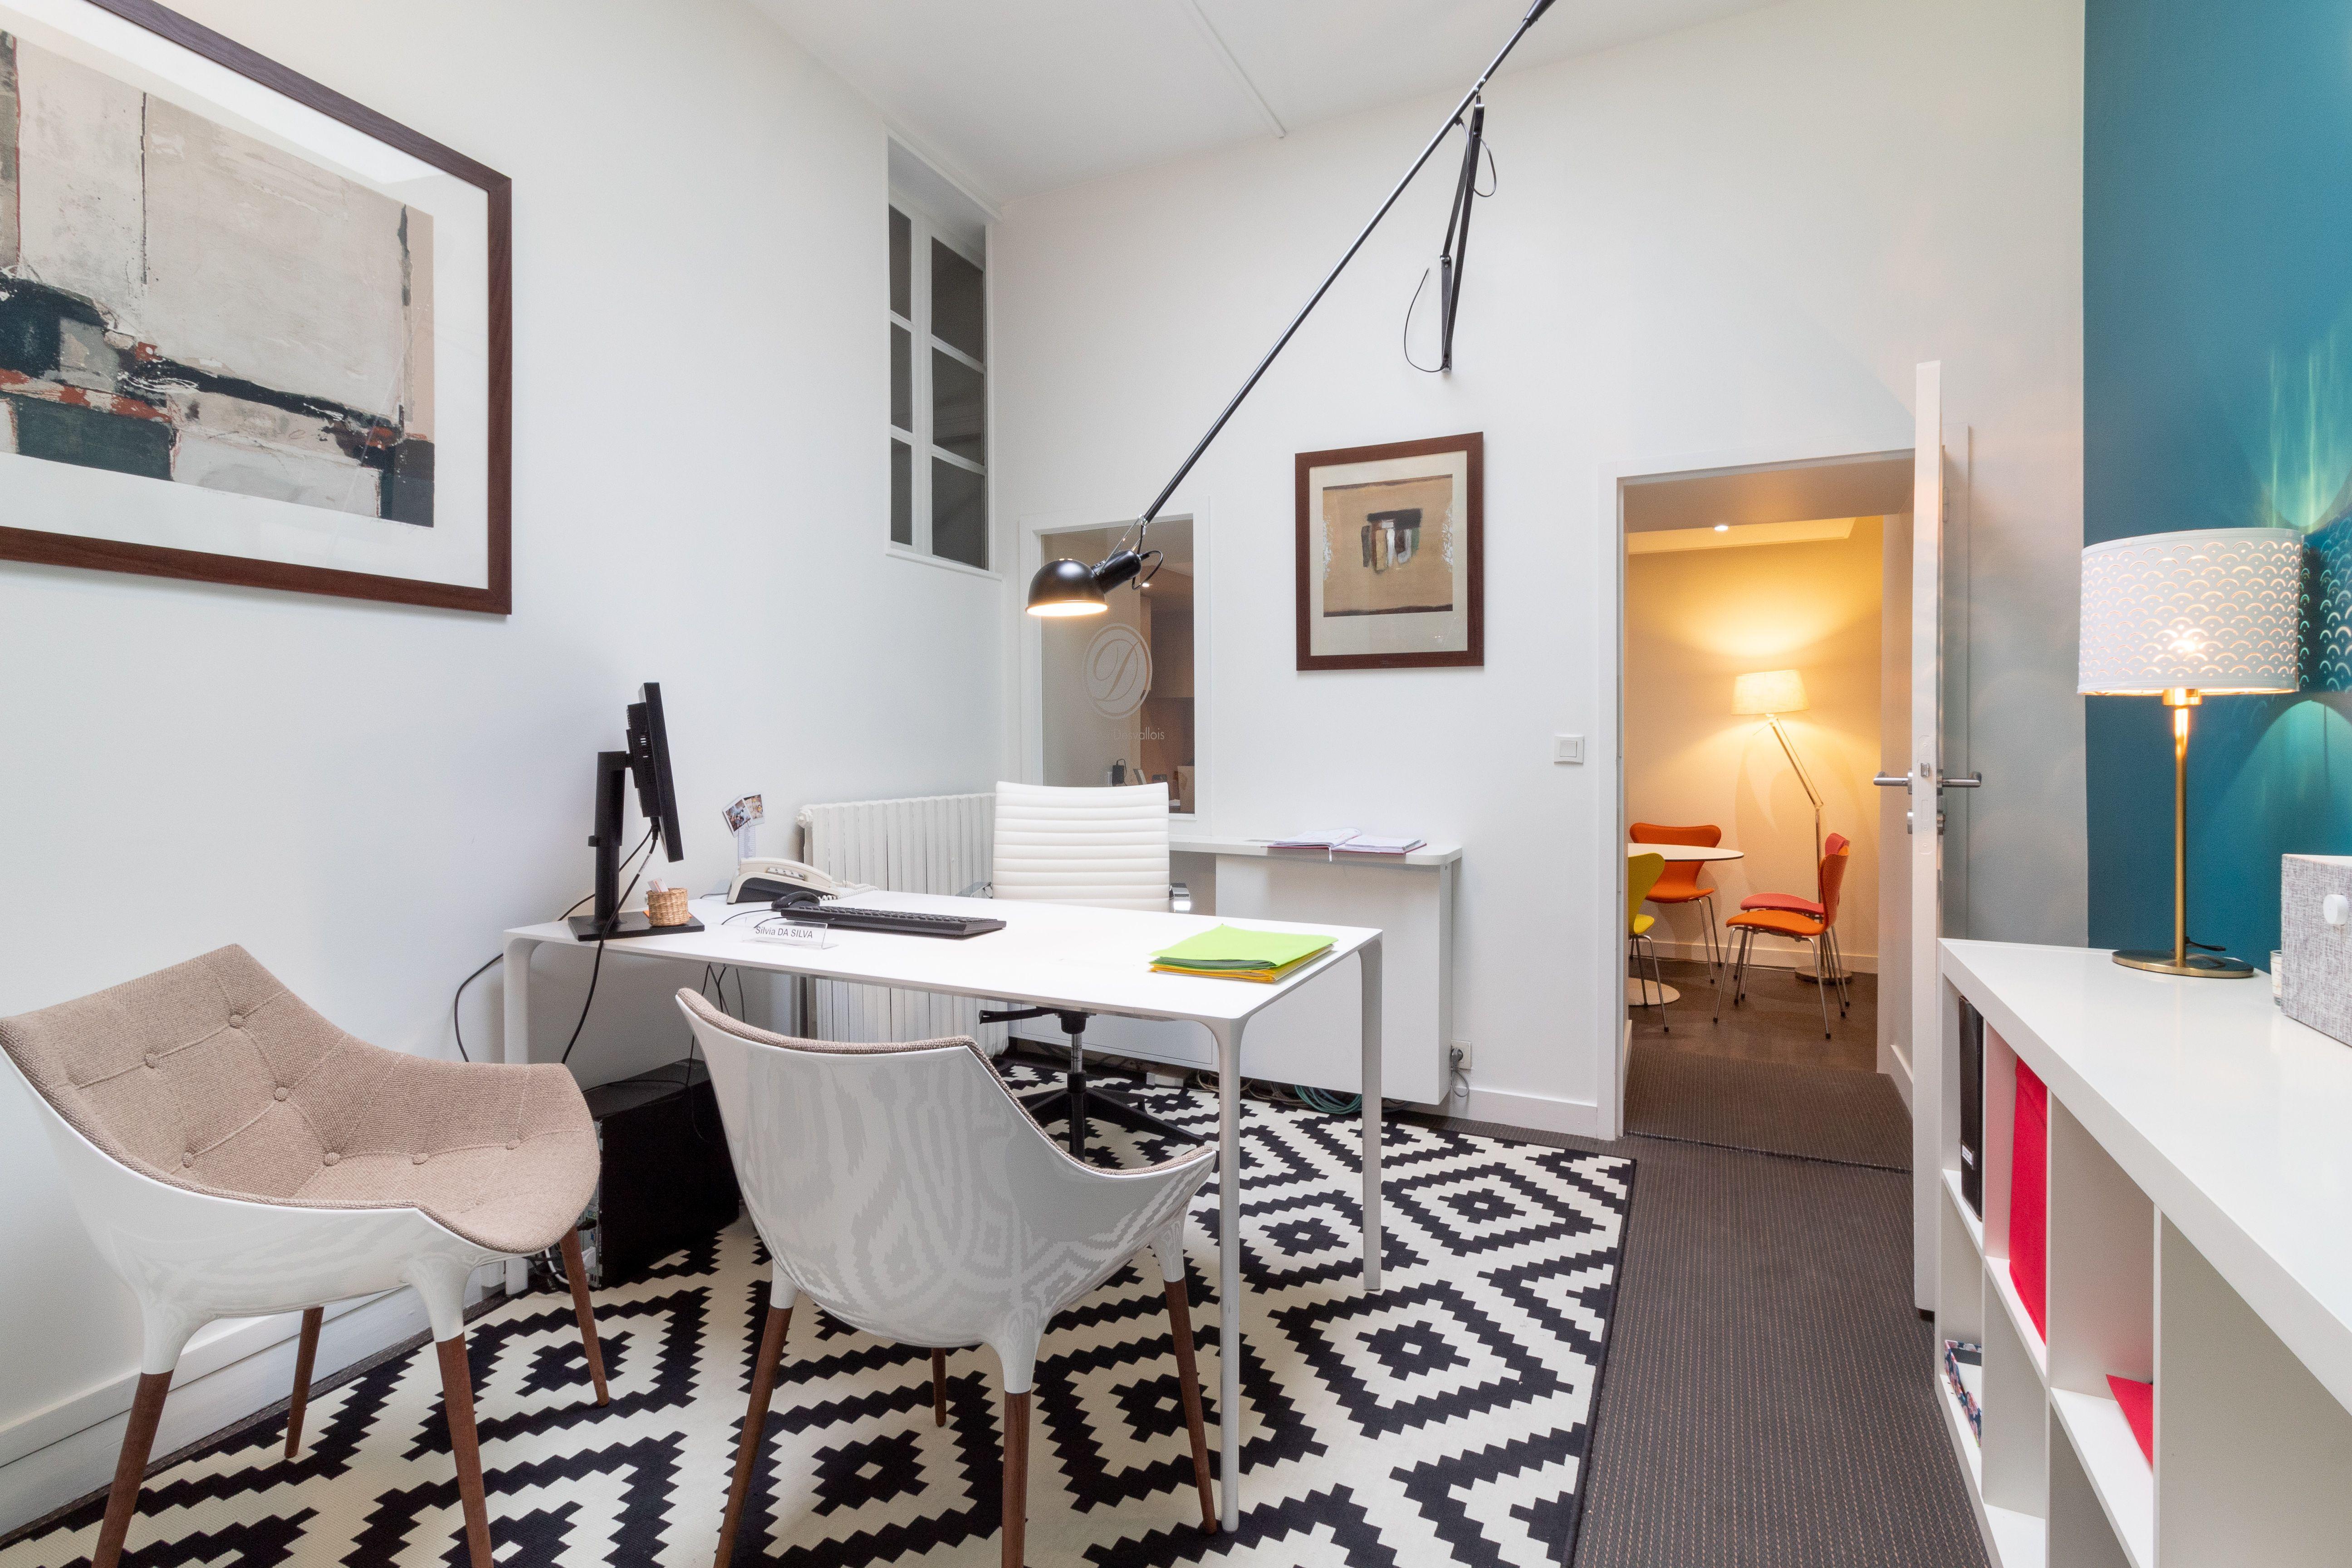 Architecte Interieur La Rochelle aménagement du mobilier d'une agence immobilière à la